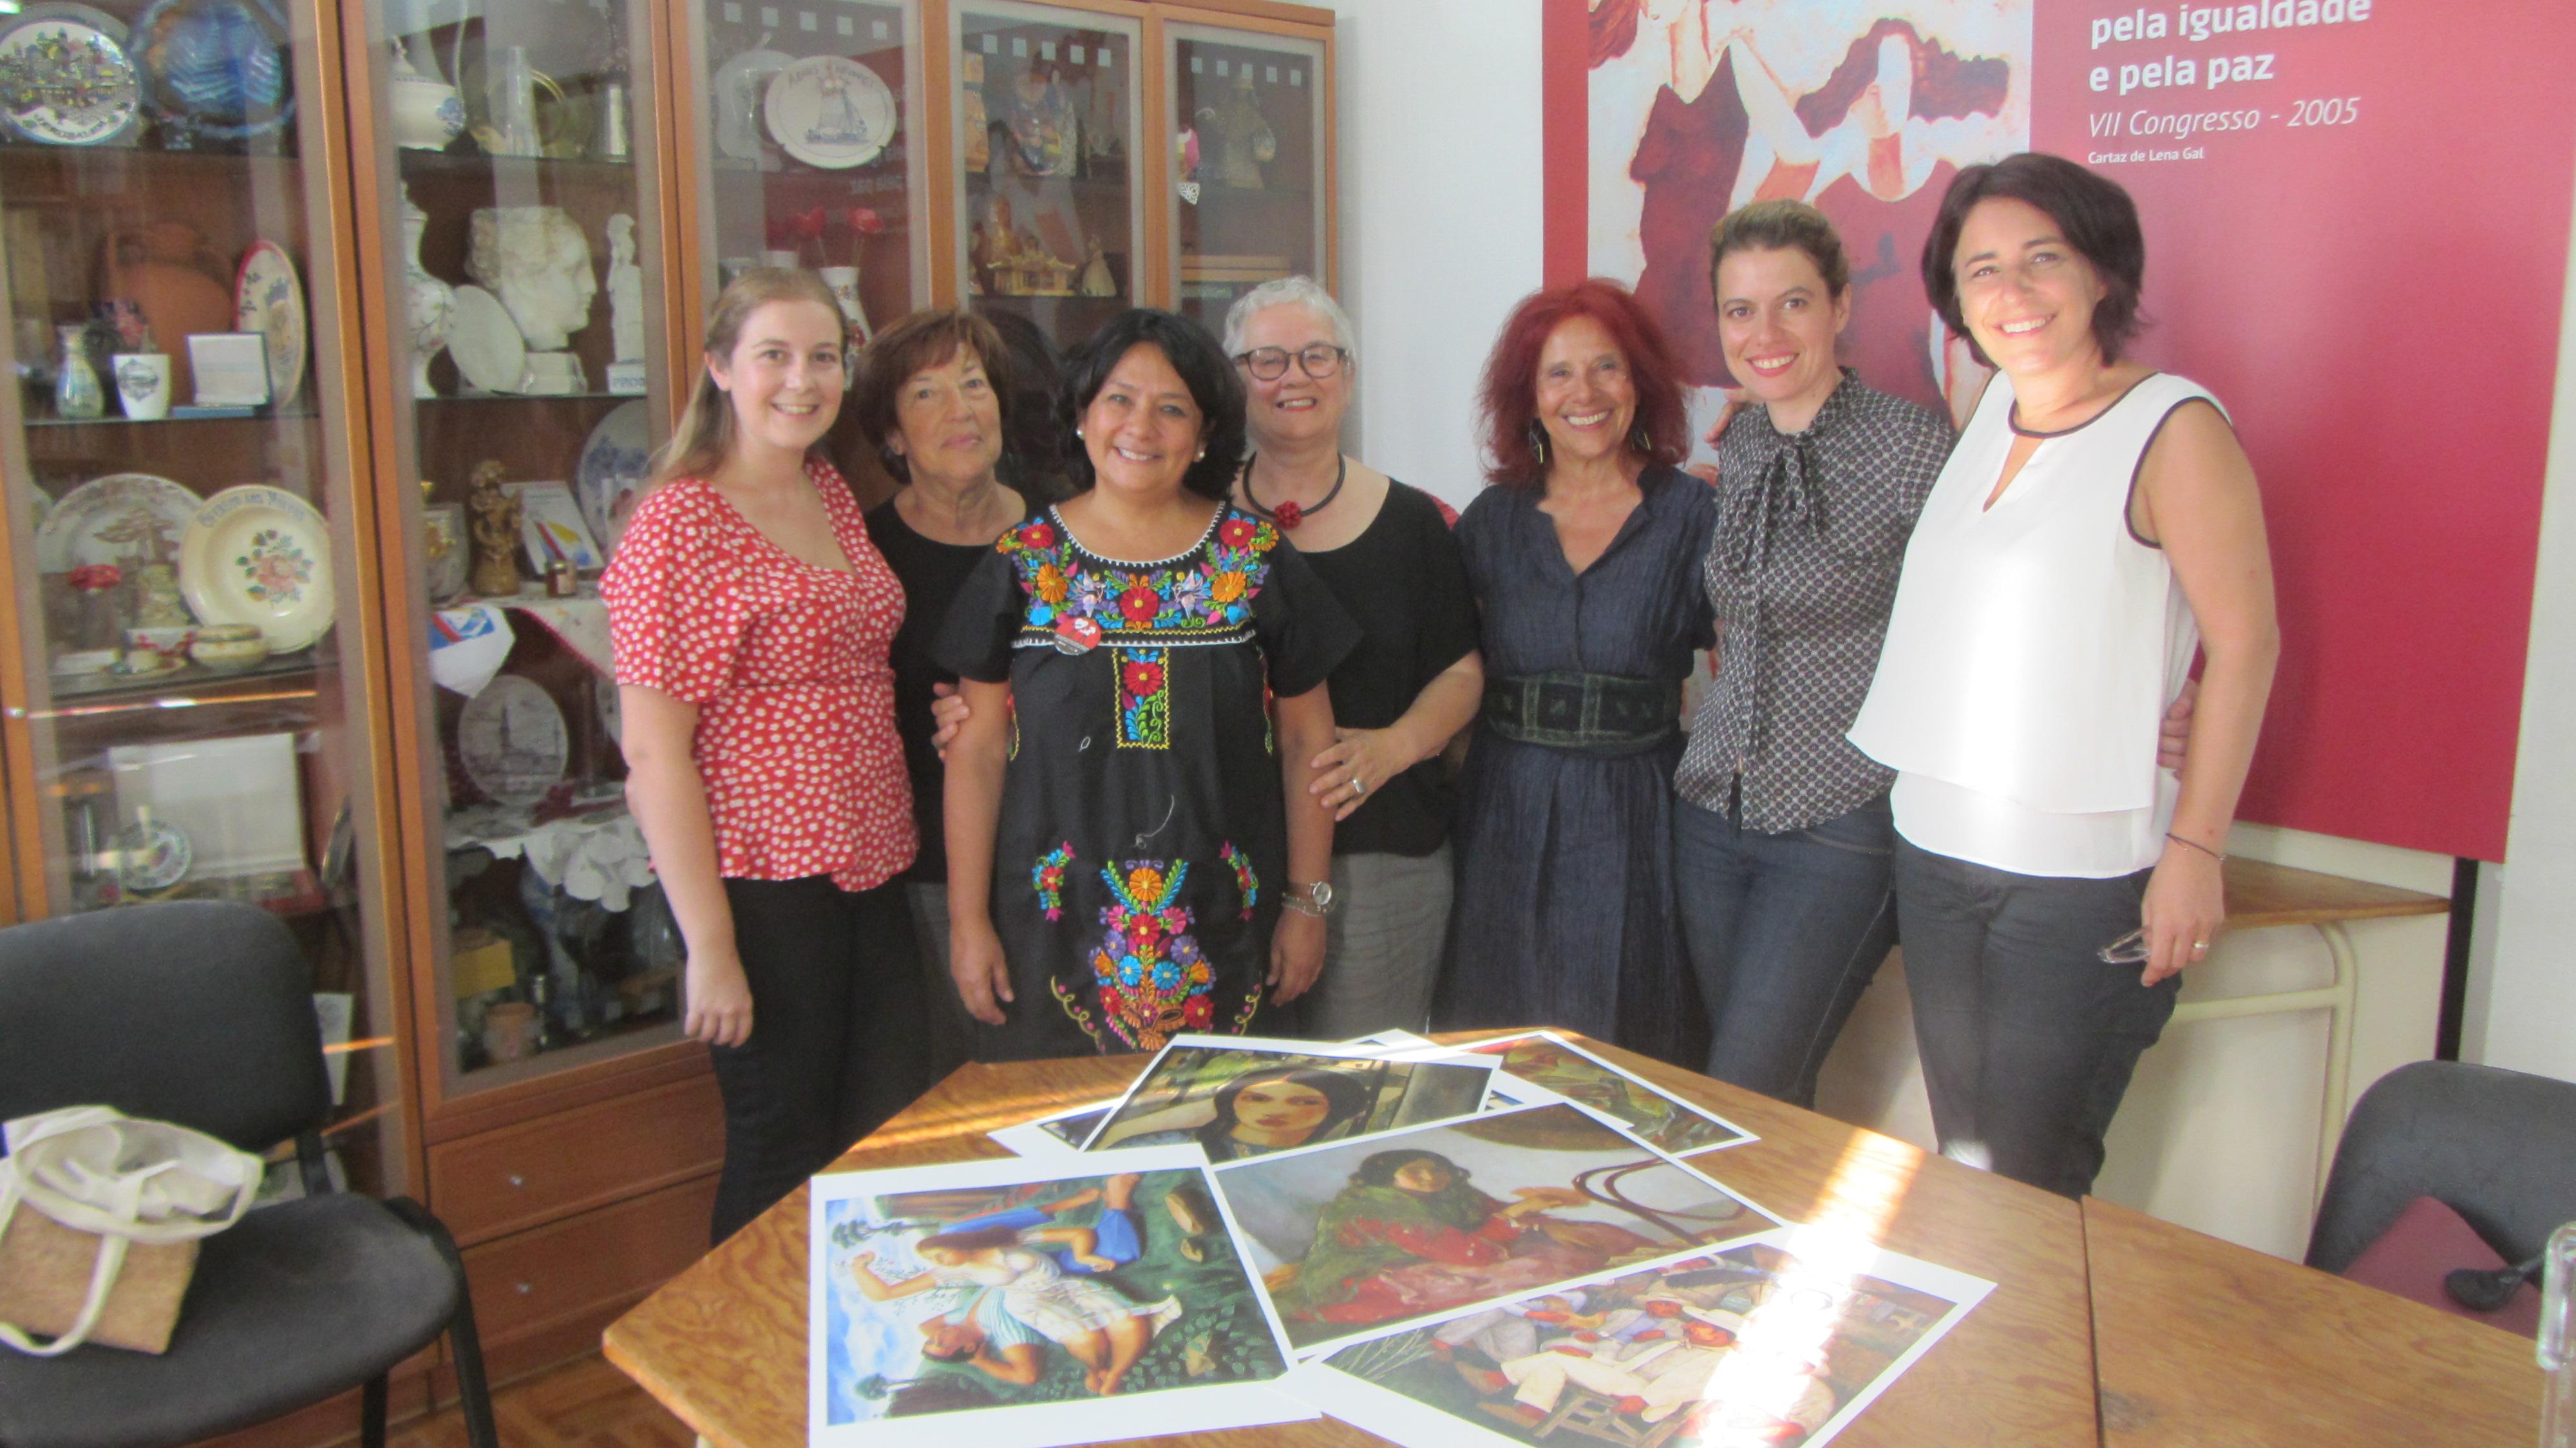 MDM recebe Belskys Lay Rodriguez, dirigente da Federação das Mulheres Cubanas (FMC)